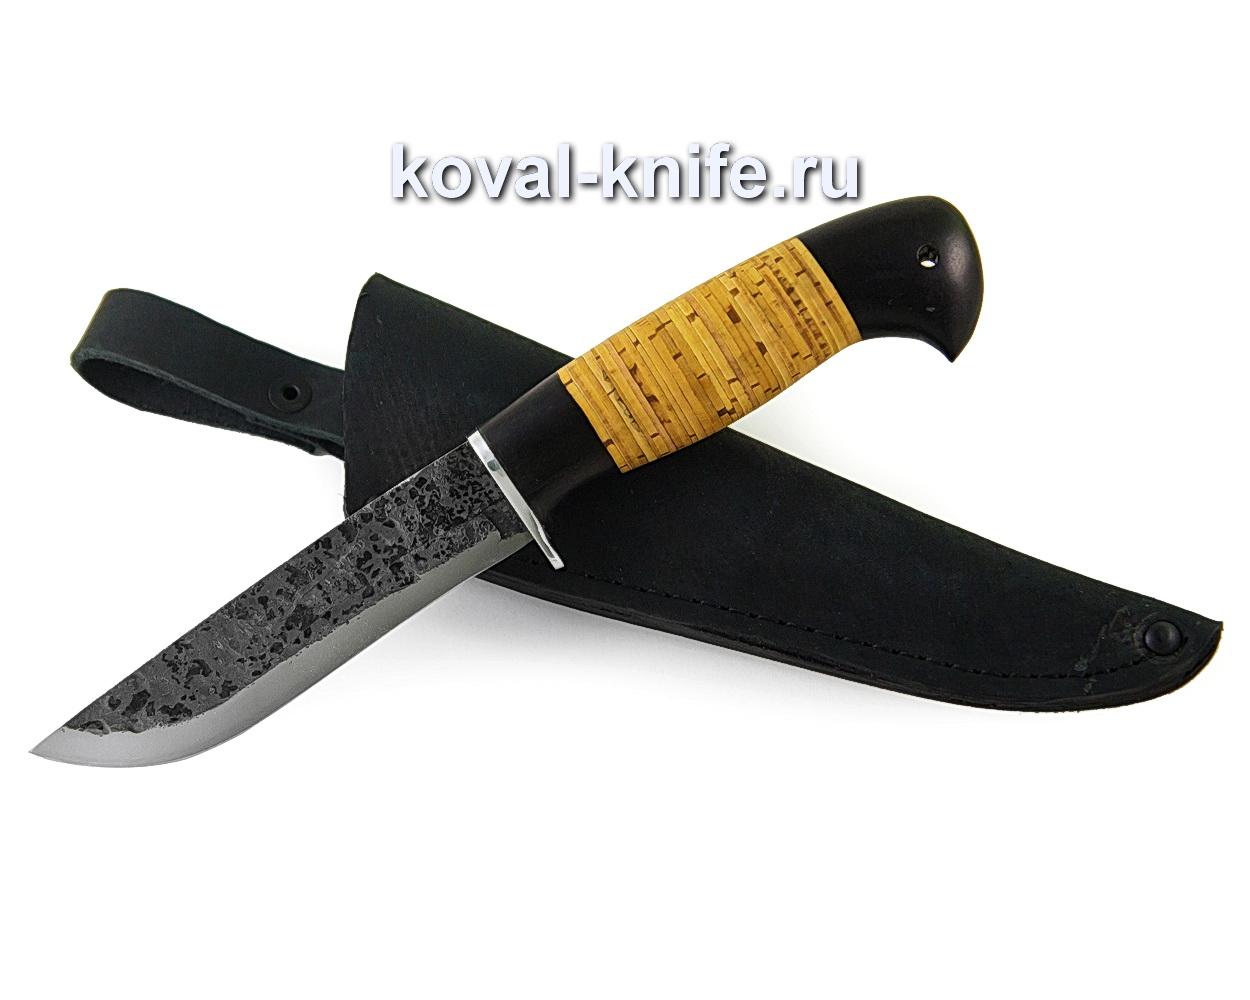 Нож Белка из кованой стали 9хс (рукоять граб и береста) A369